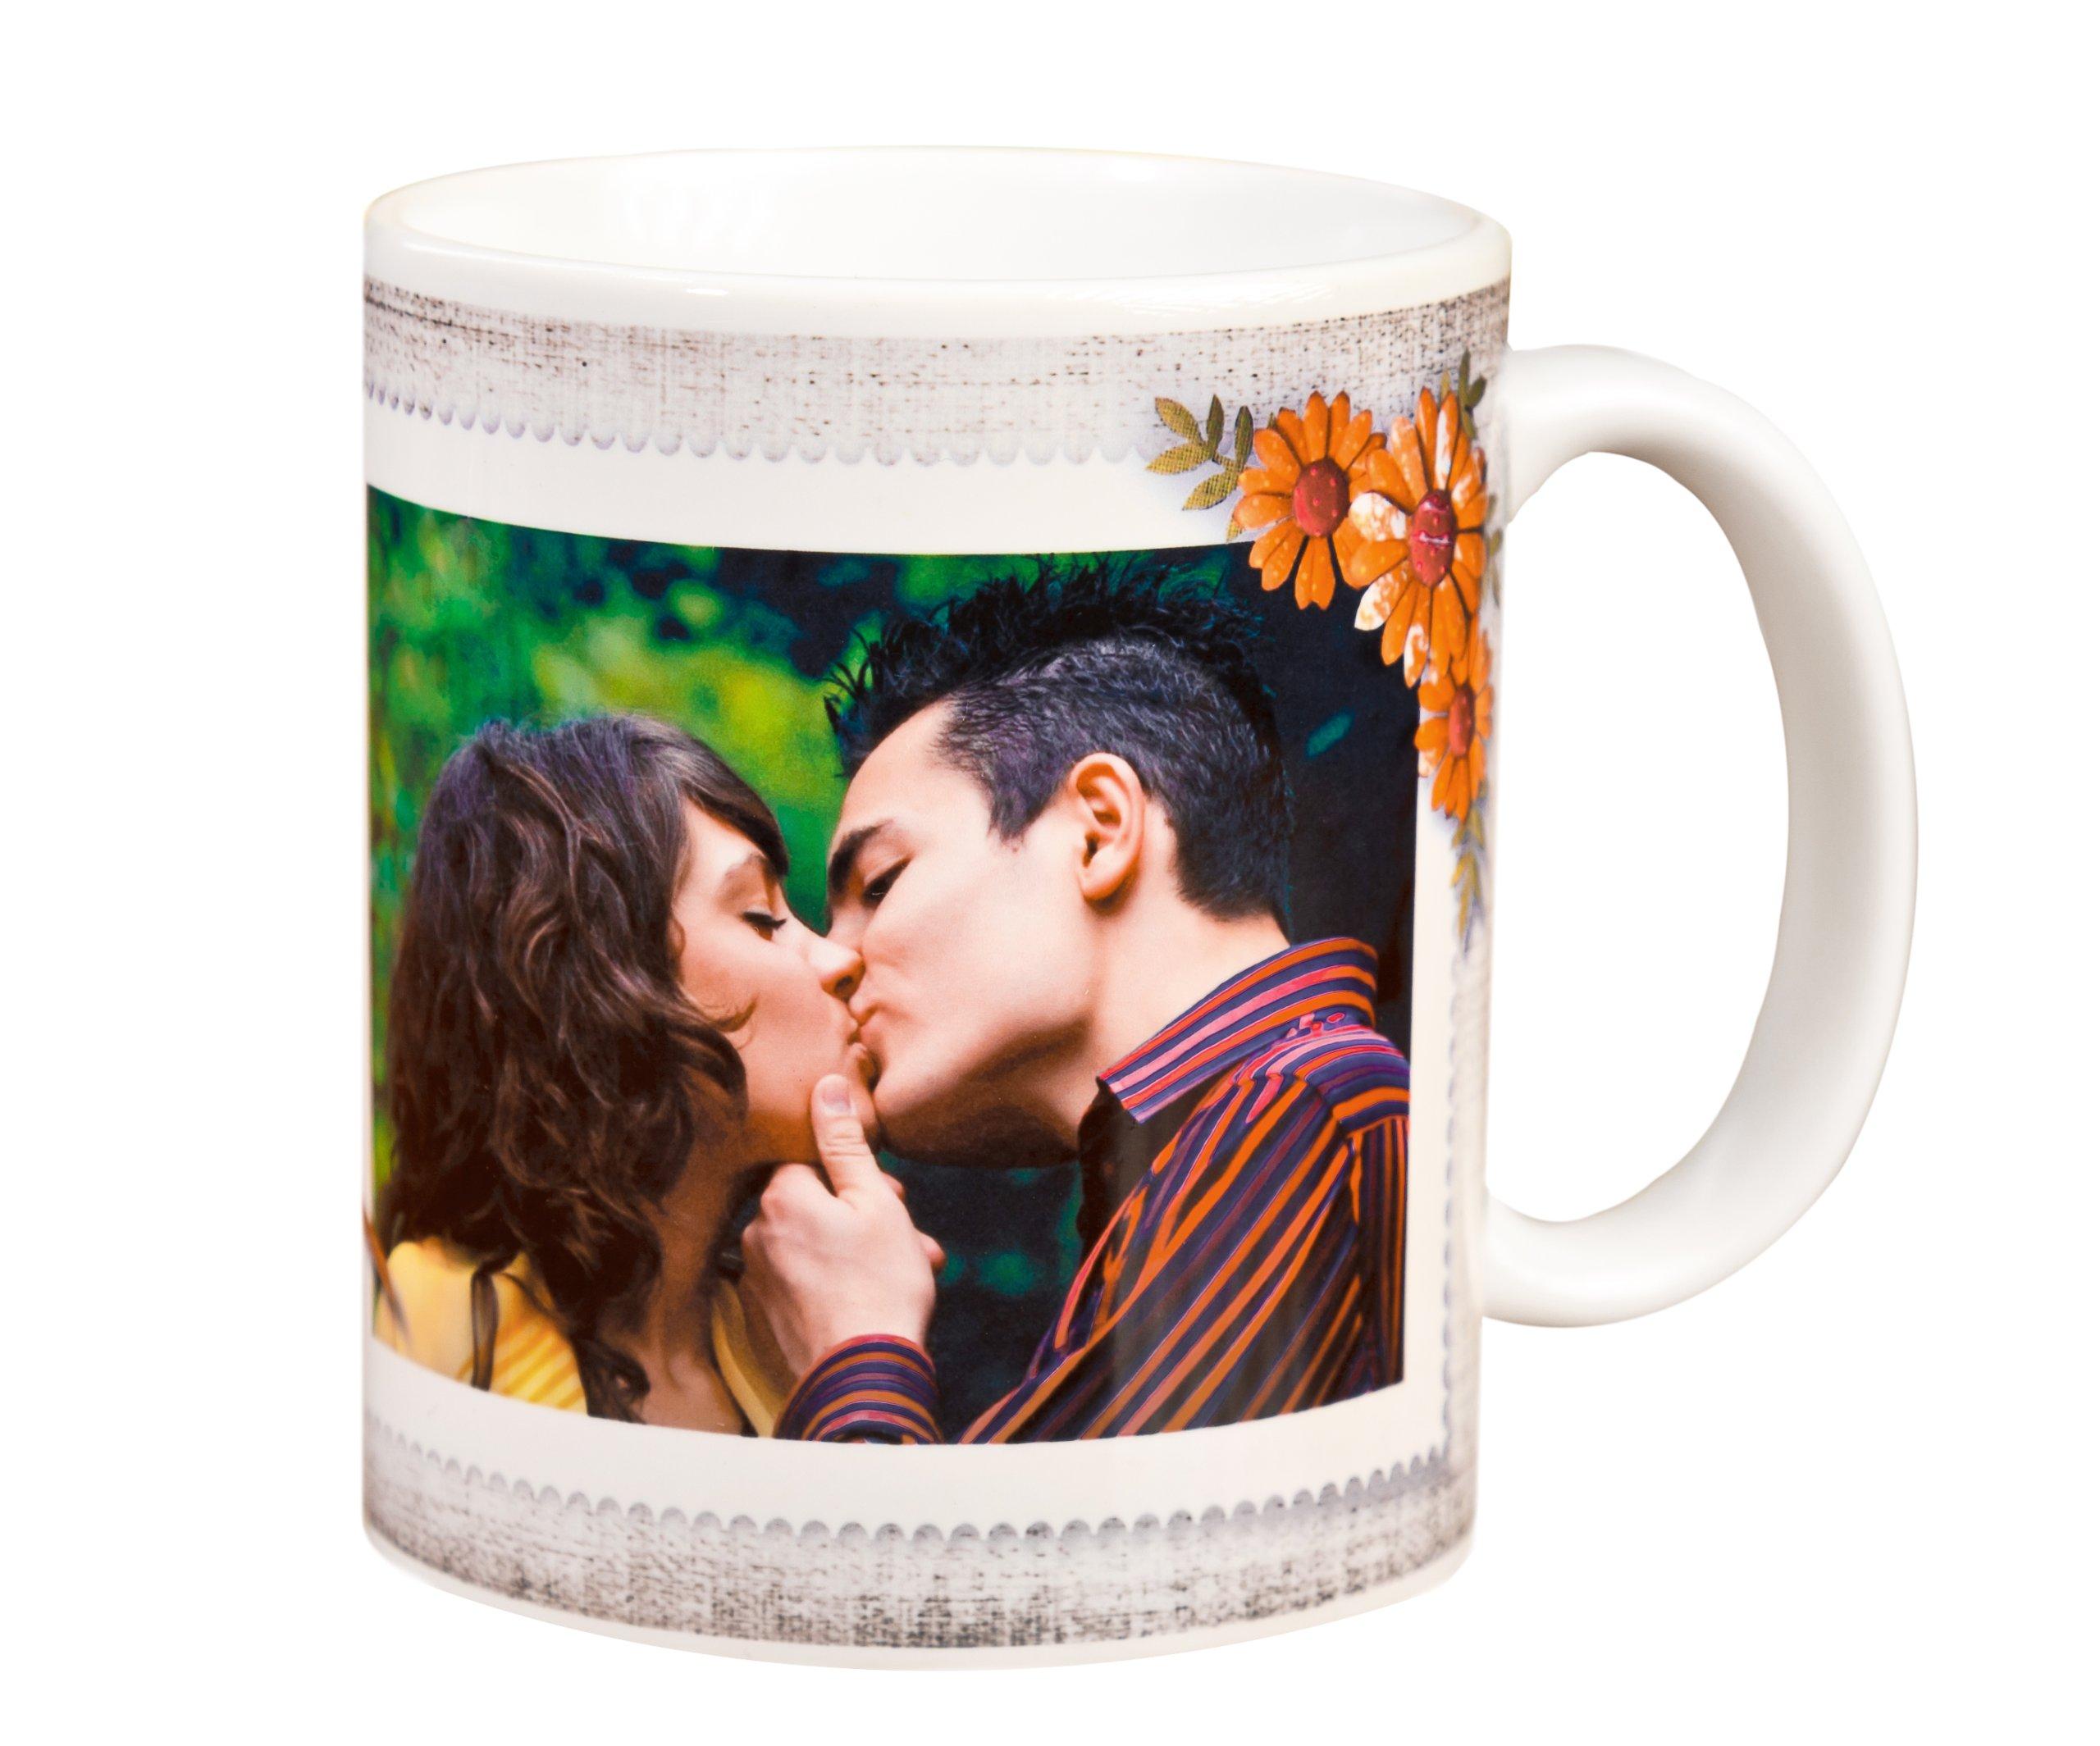 чашка с фото на заказ москва недорого общем игра, которая